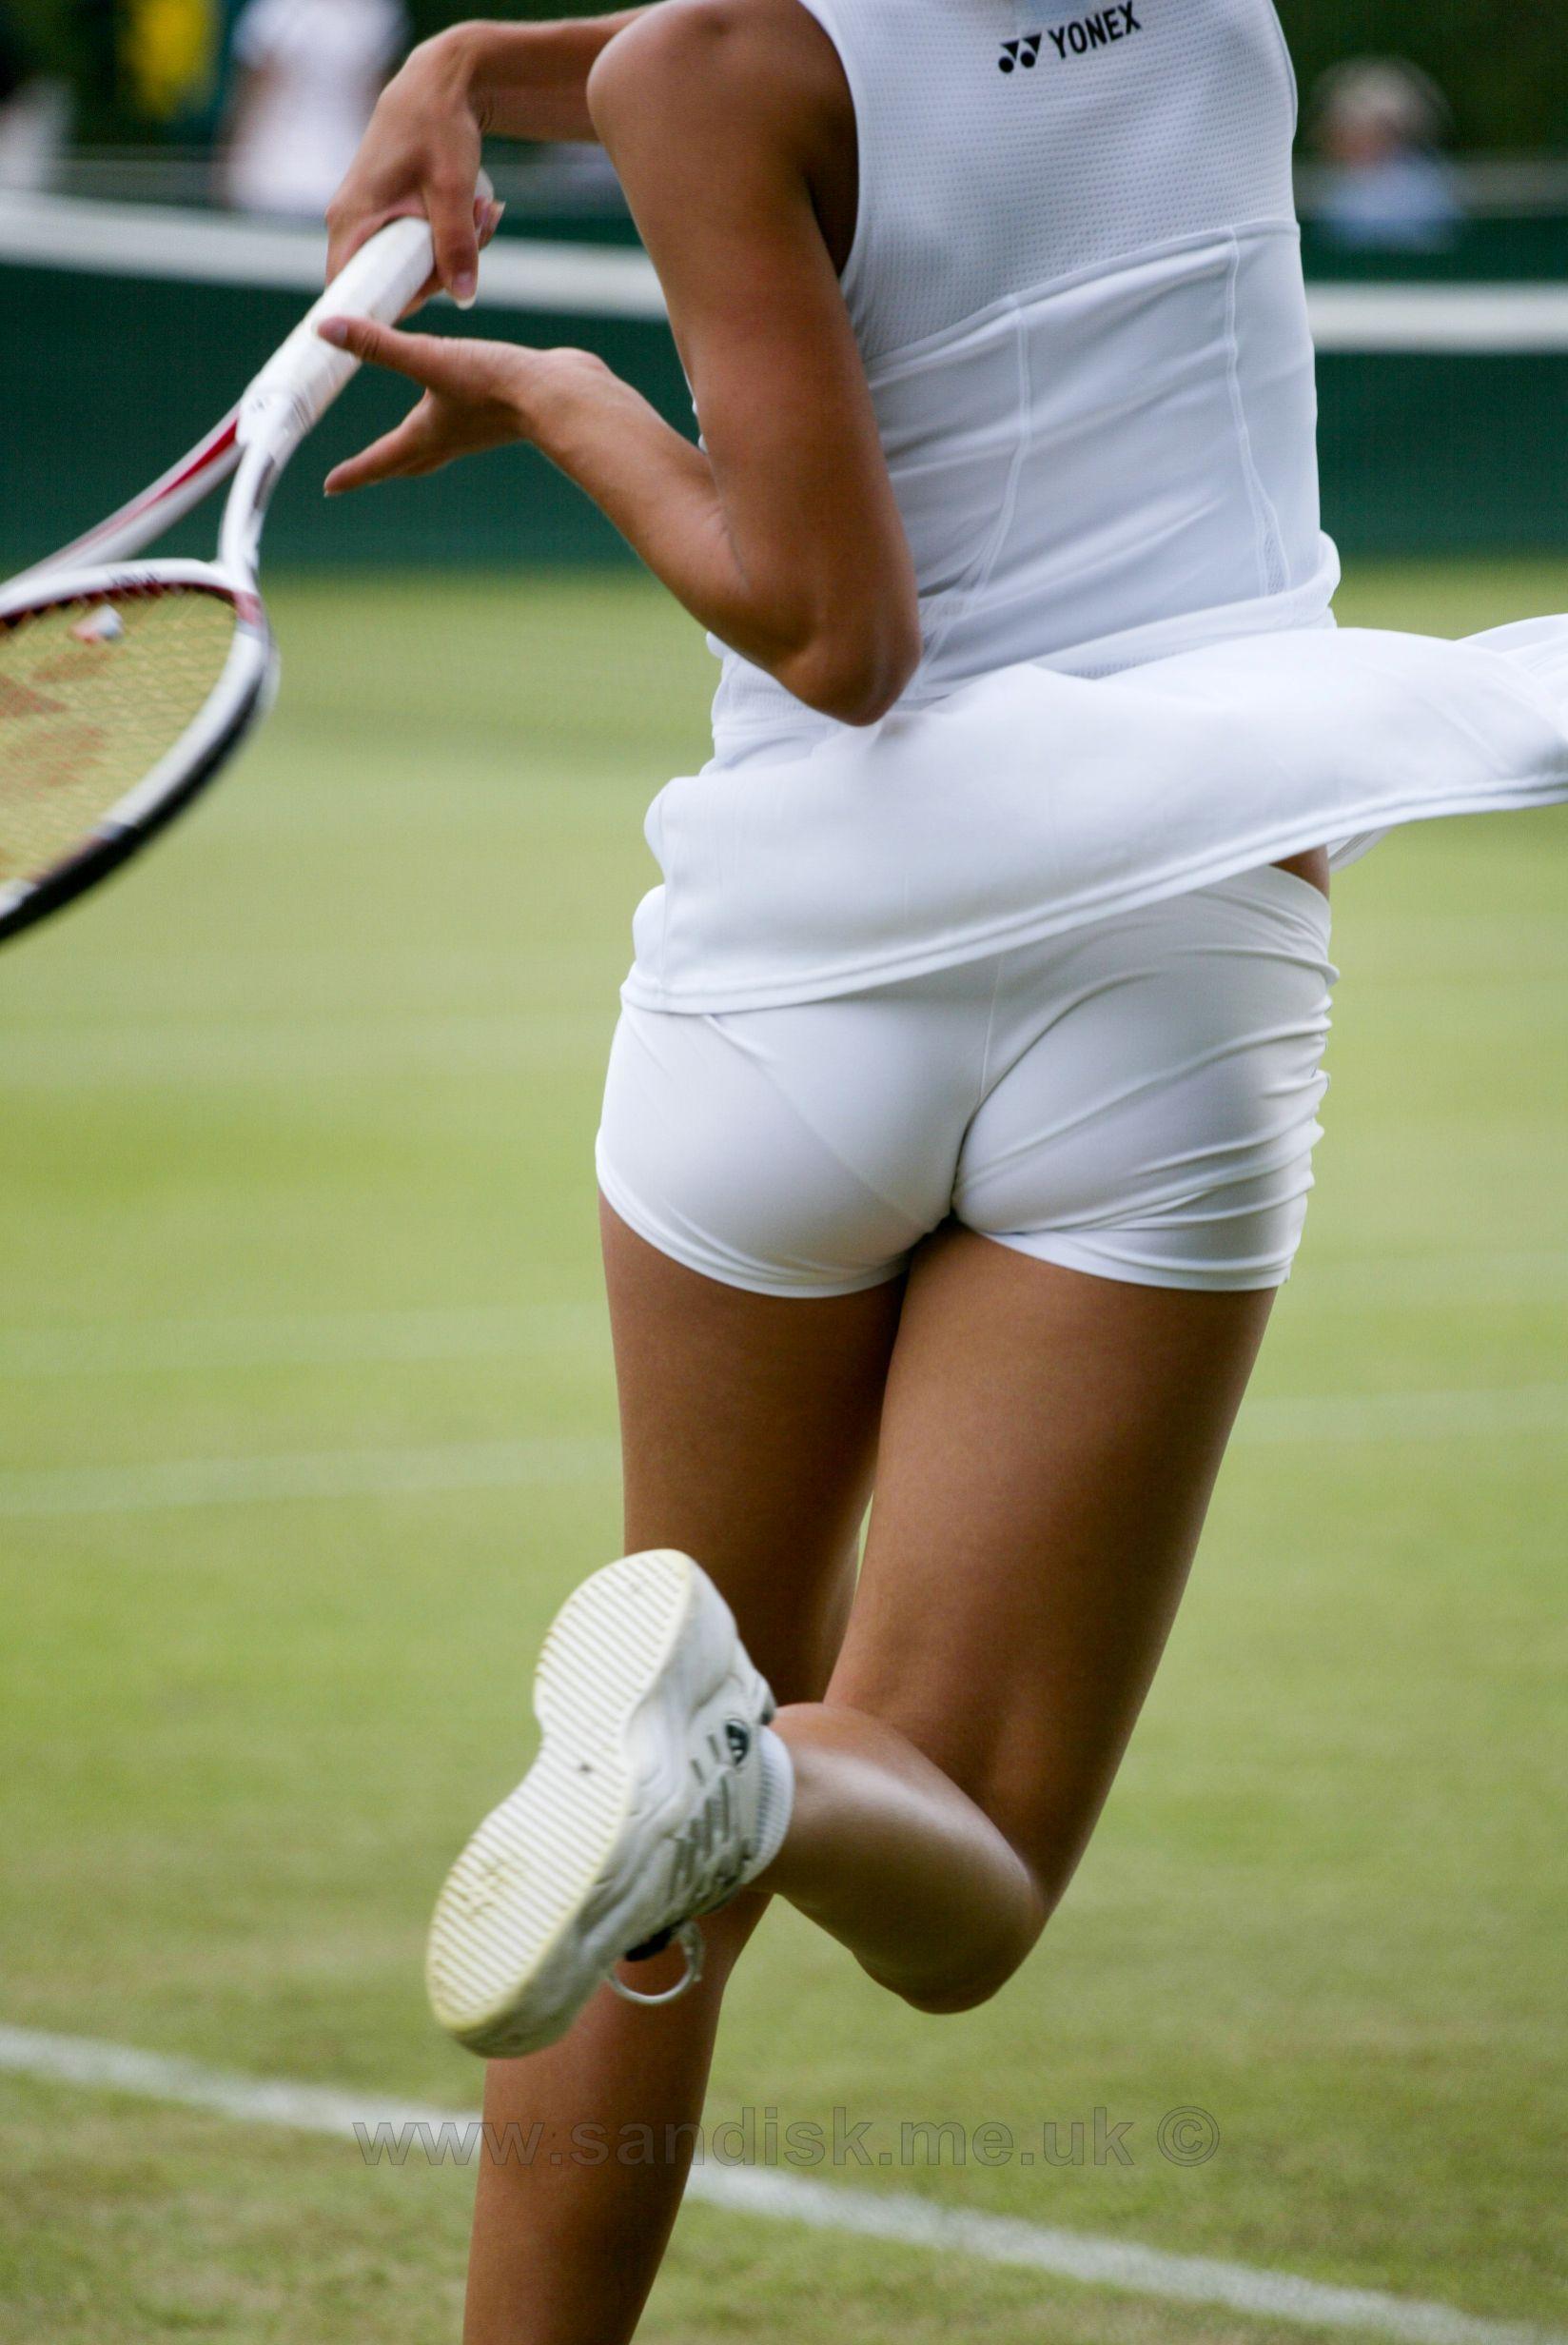 Phrase Tennis maria sharapova panties history!